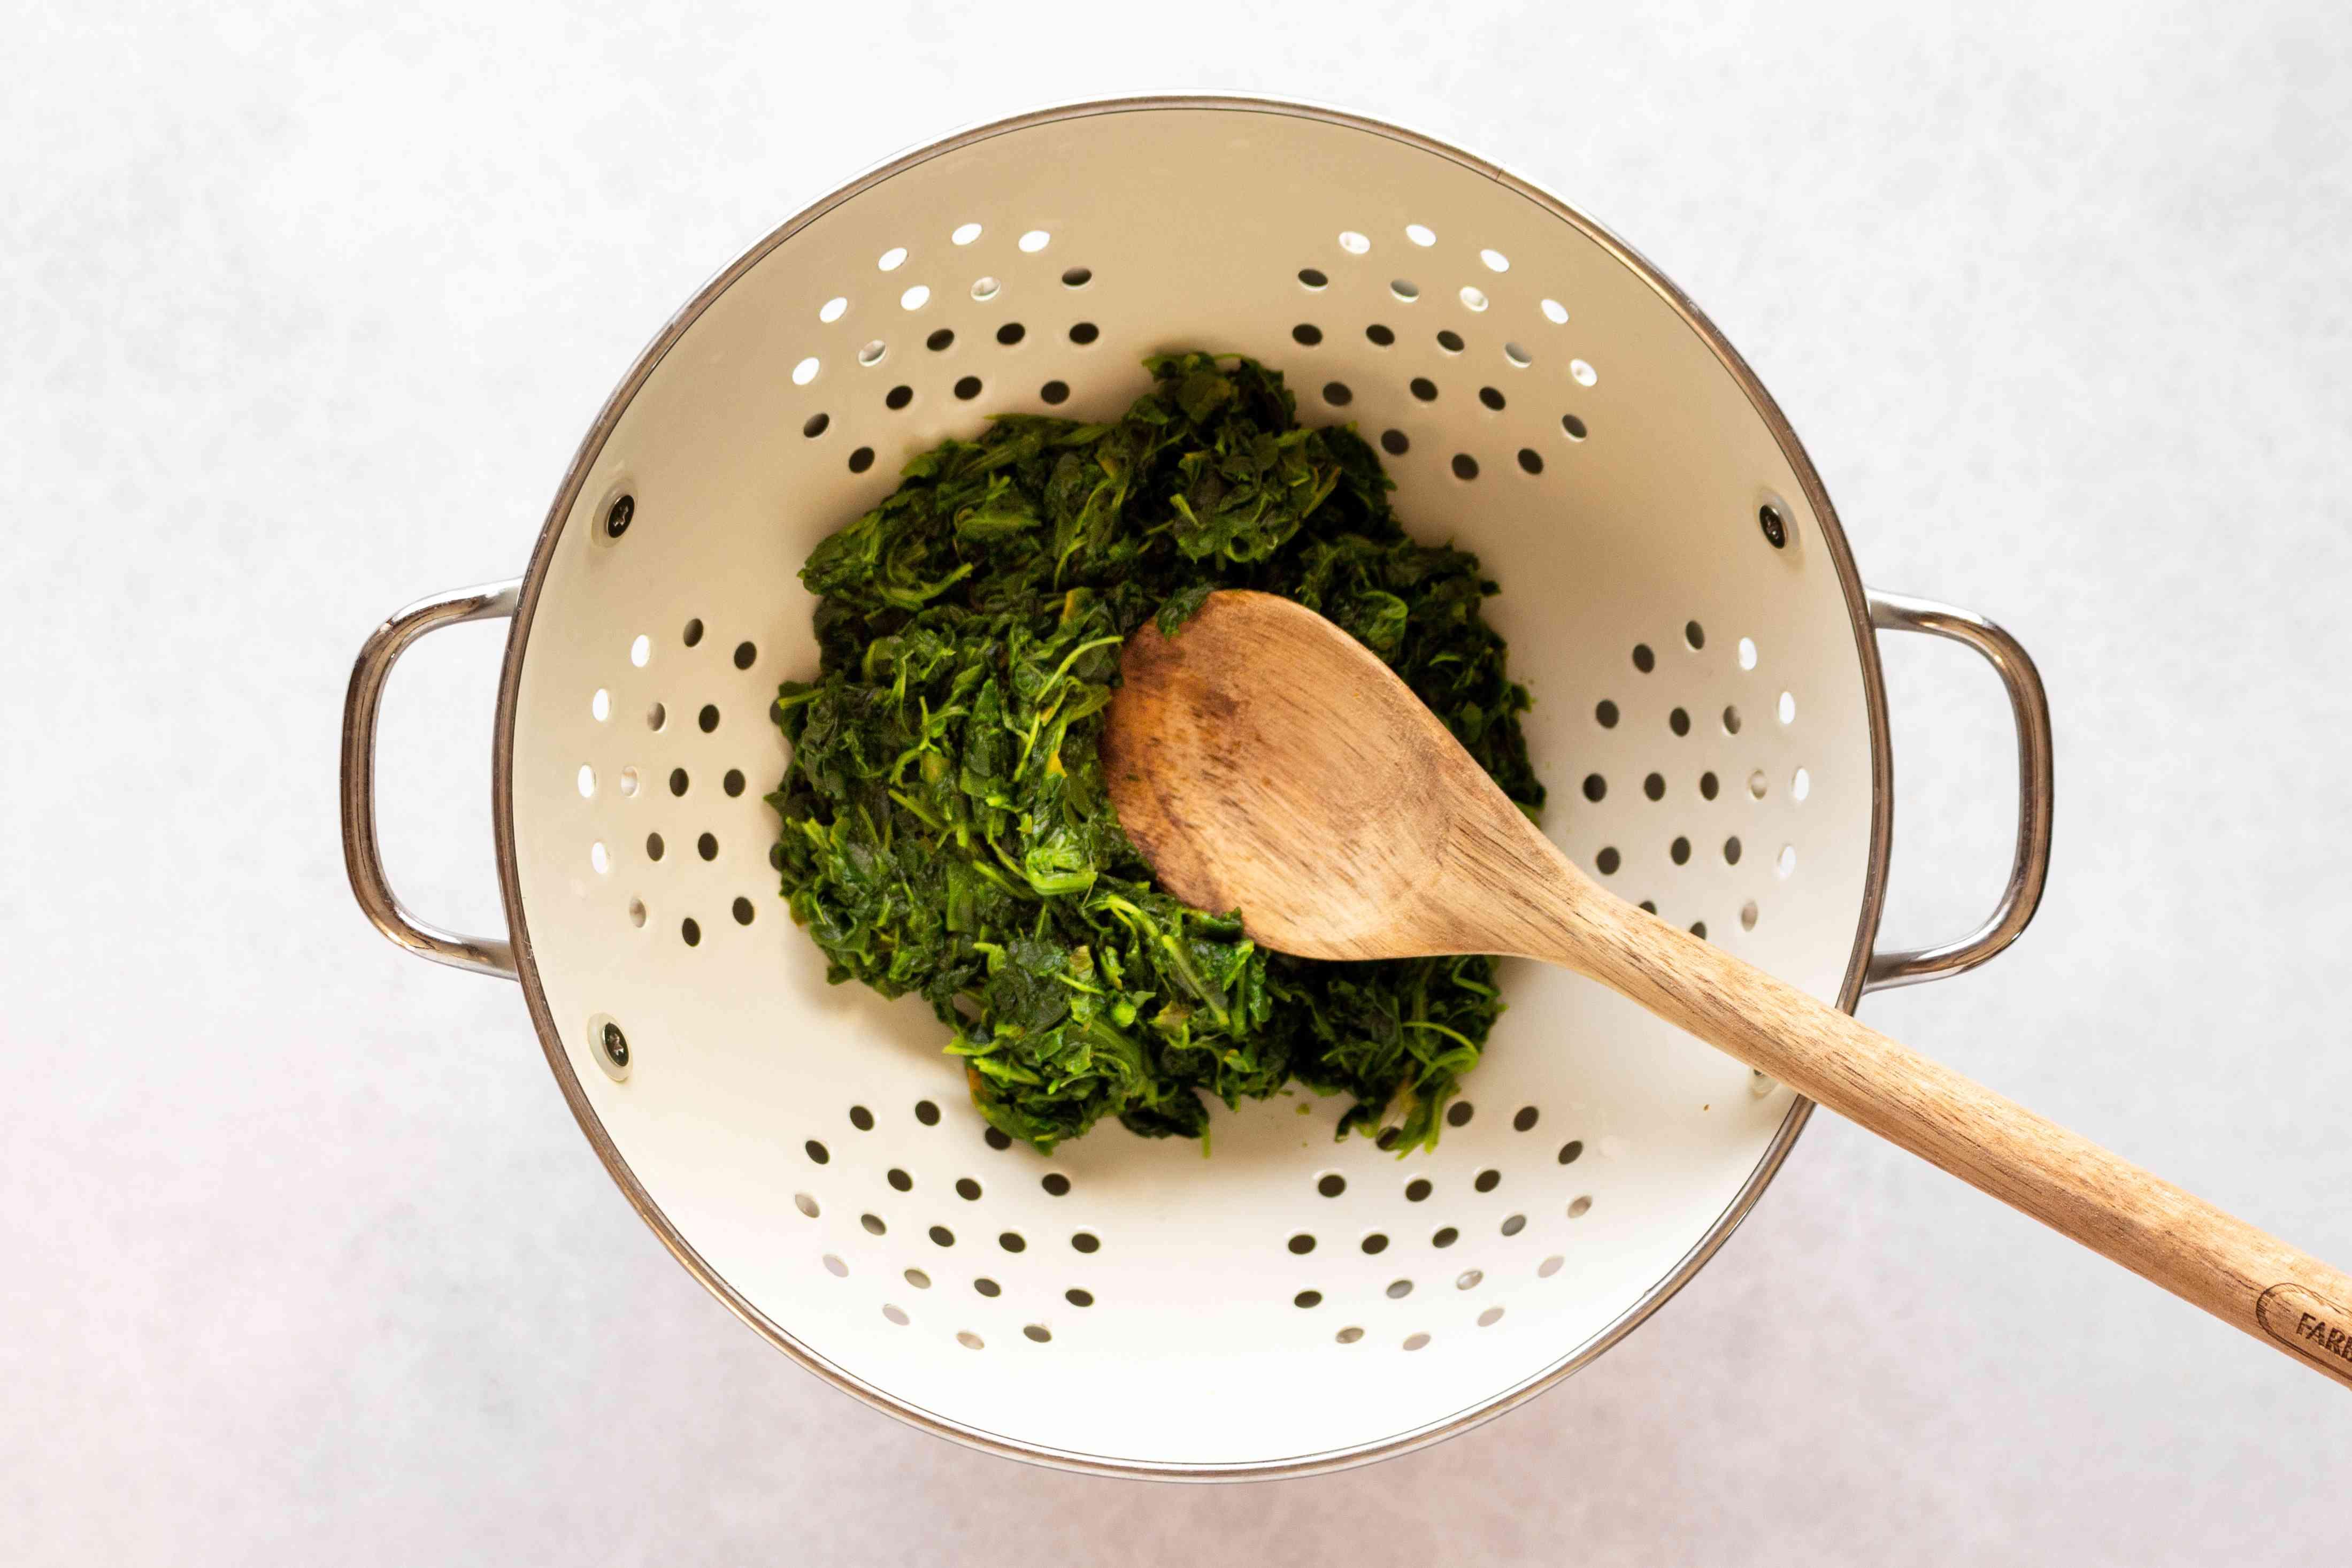 spinach in a colander